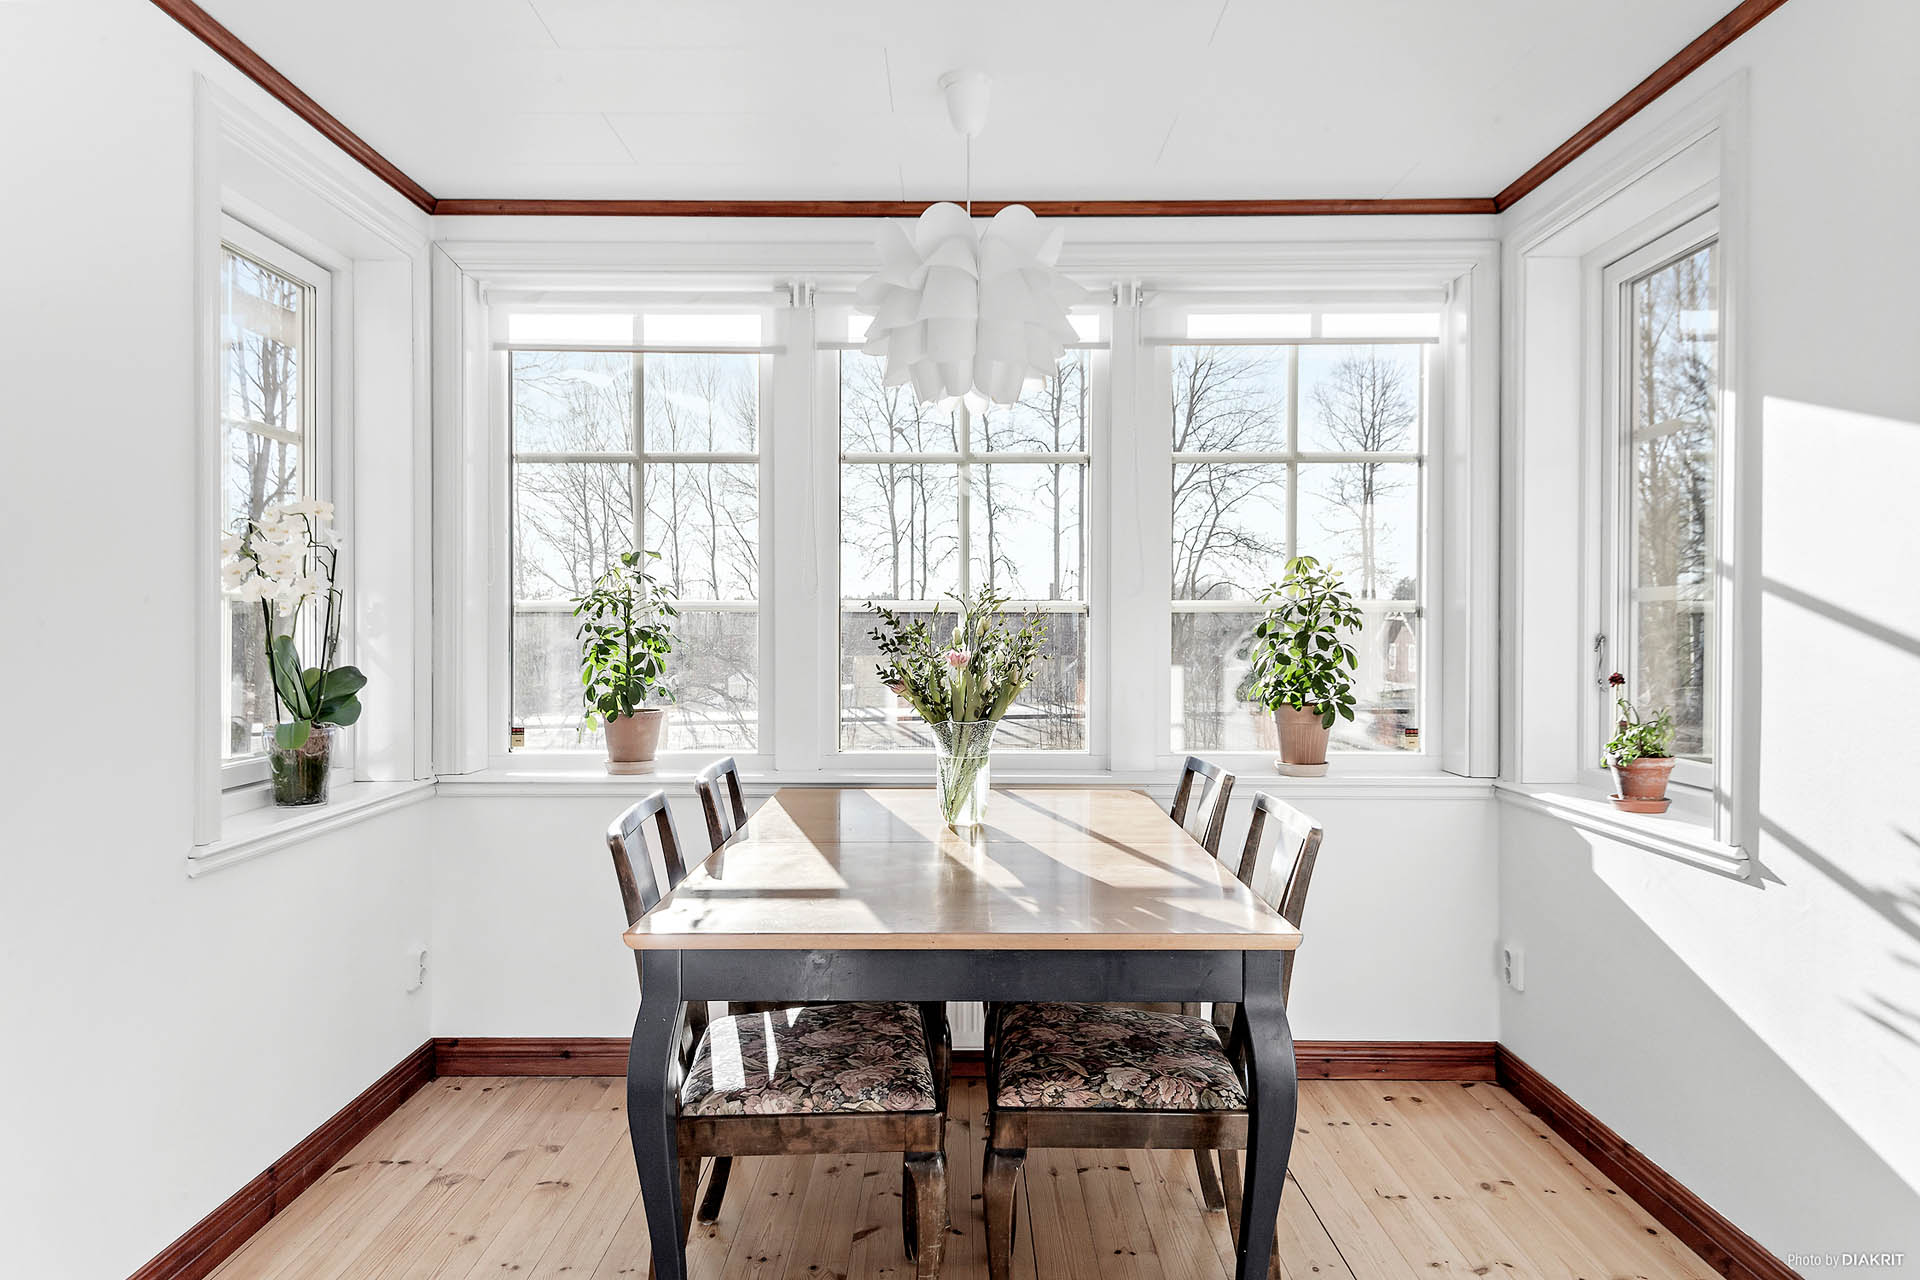 Matplats intill vackra spröjsade fönster med utsikt